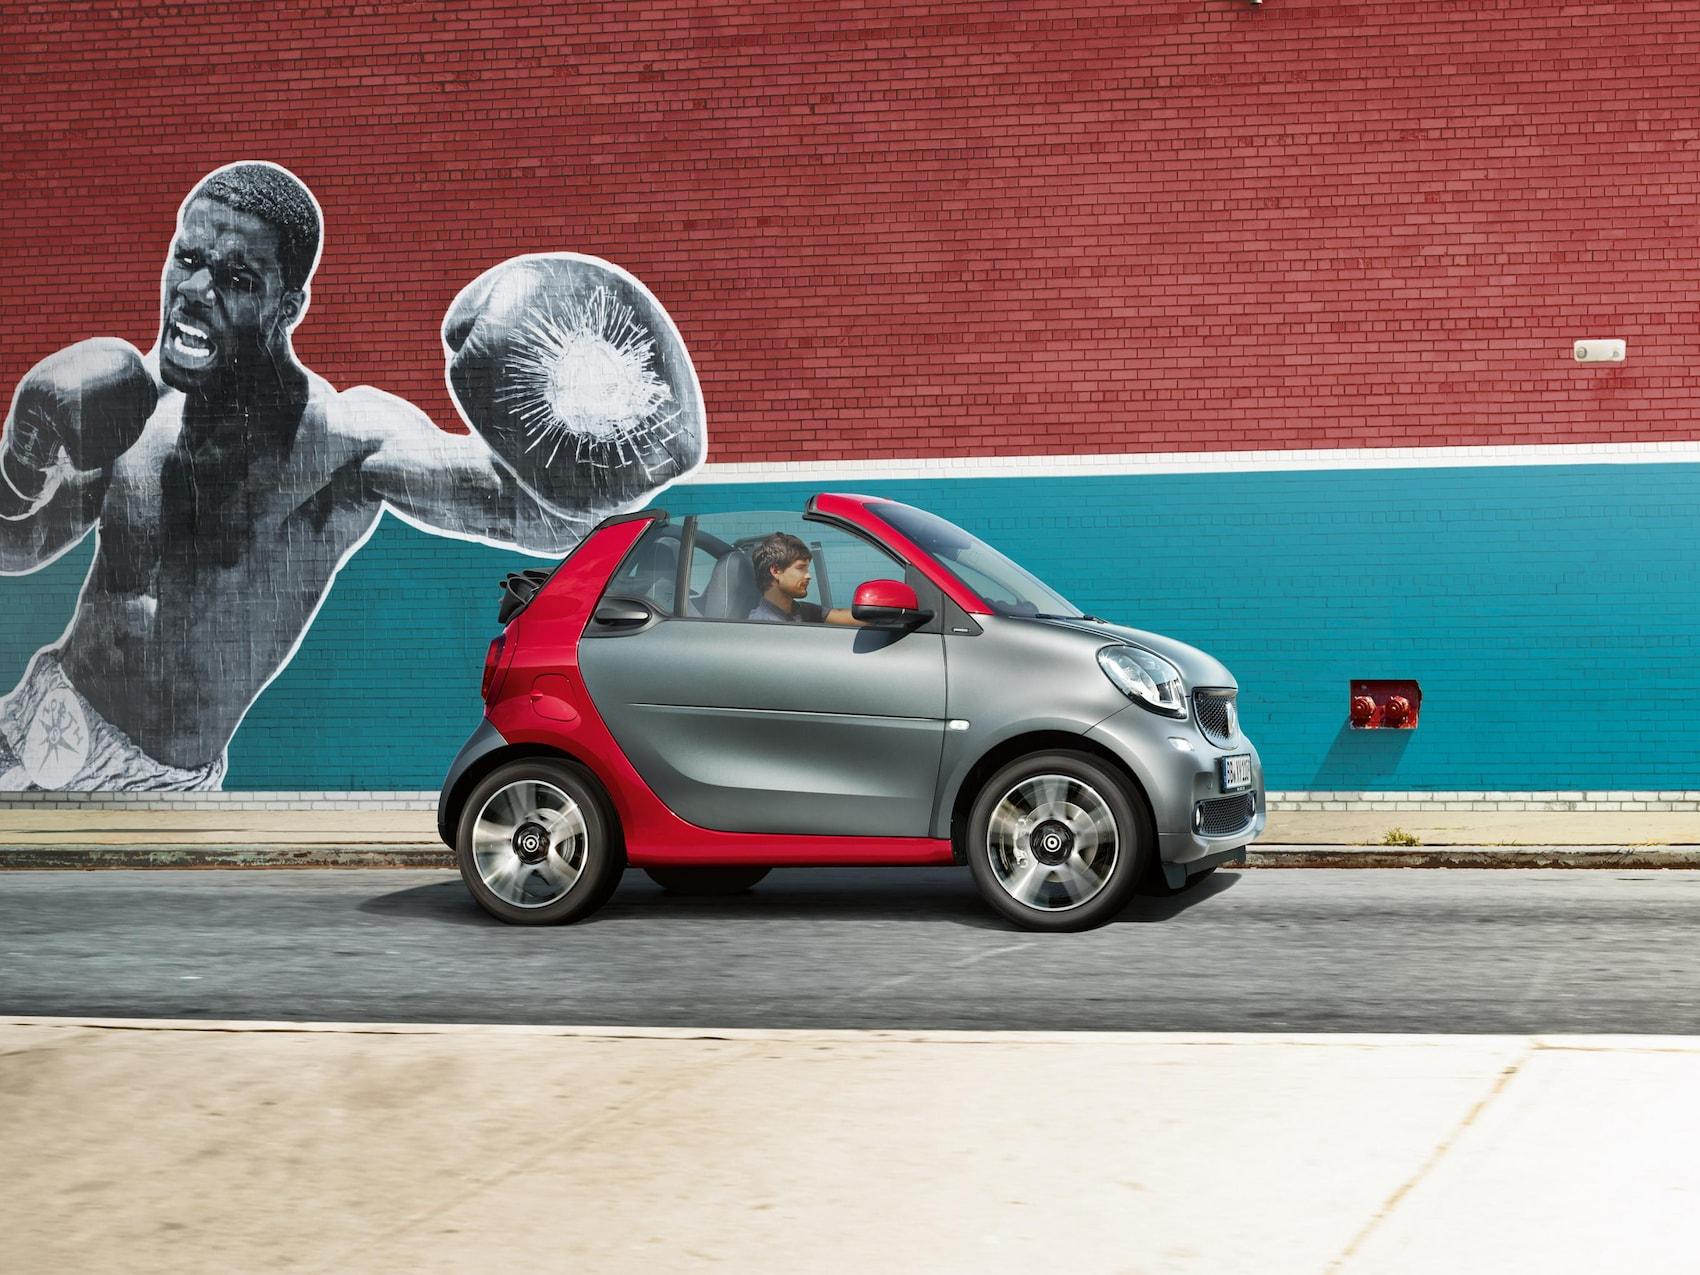 smart fortwo cabrio auf einem Parkdeck unter blauem Himmel.